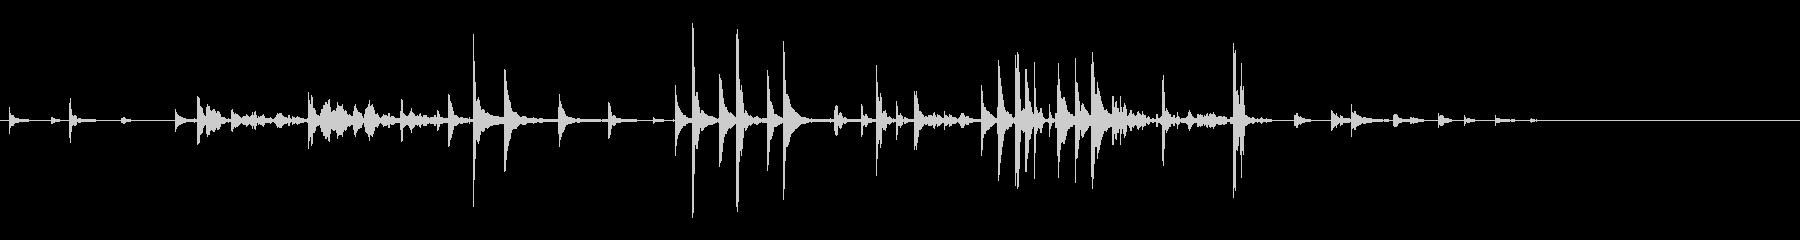 小鐘:ガラガラリングの未再生の波形